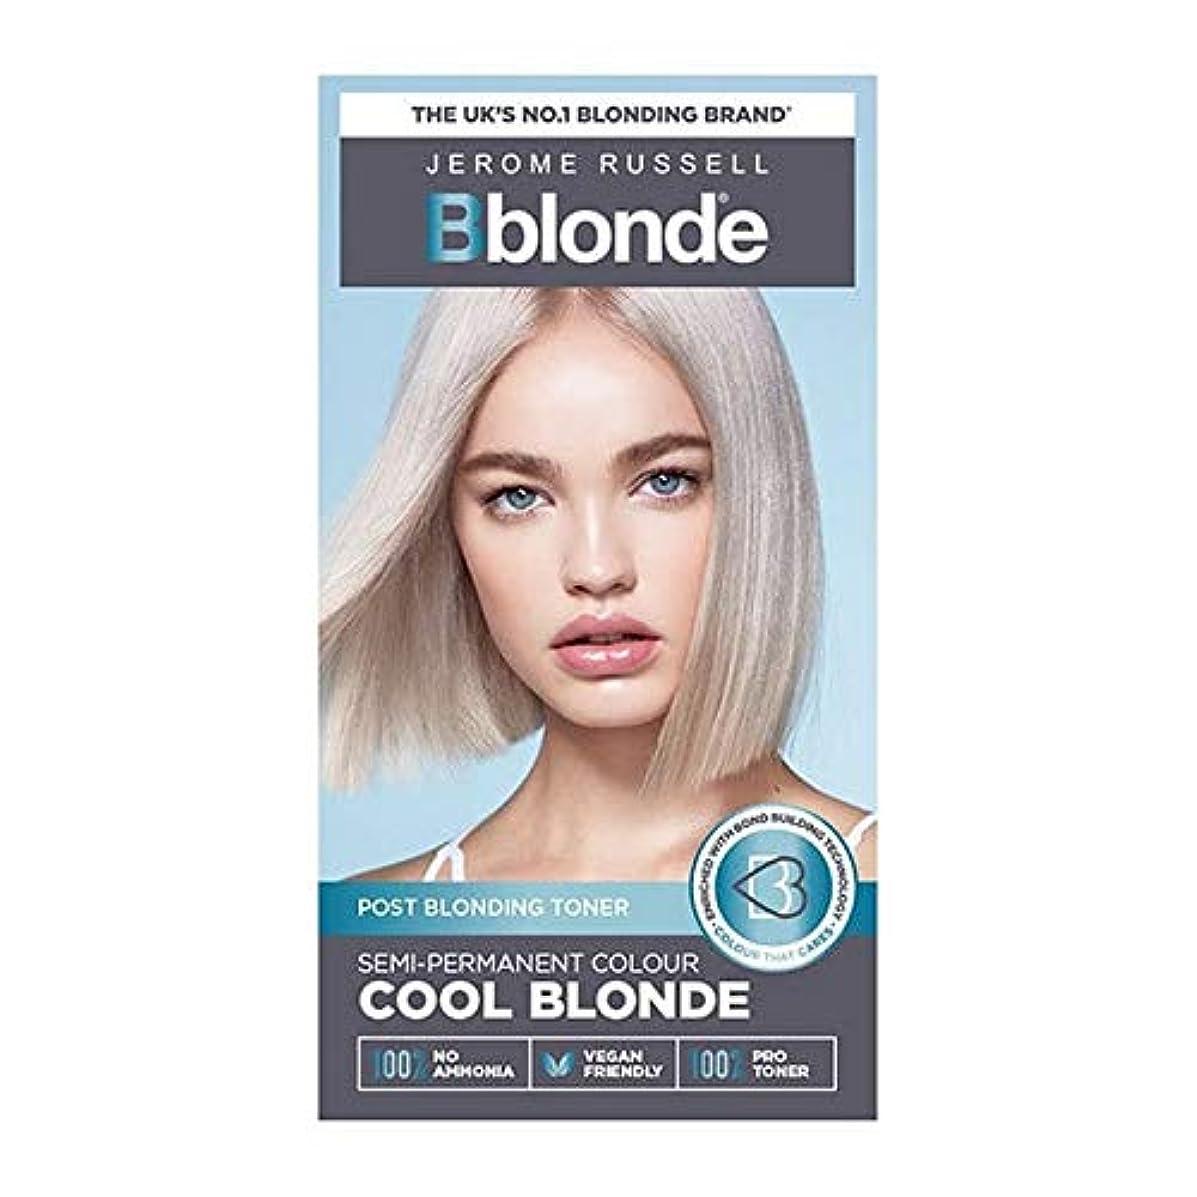 送信する考古学者延期する[Jerome Russell ] ジェロームラッセルBblonde半恒久的なトナークールなブロンド - Jerome Russell Bblonde Semi Permanent Toner Cool Blonde [...